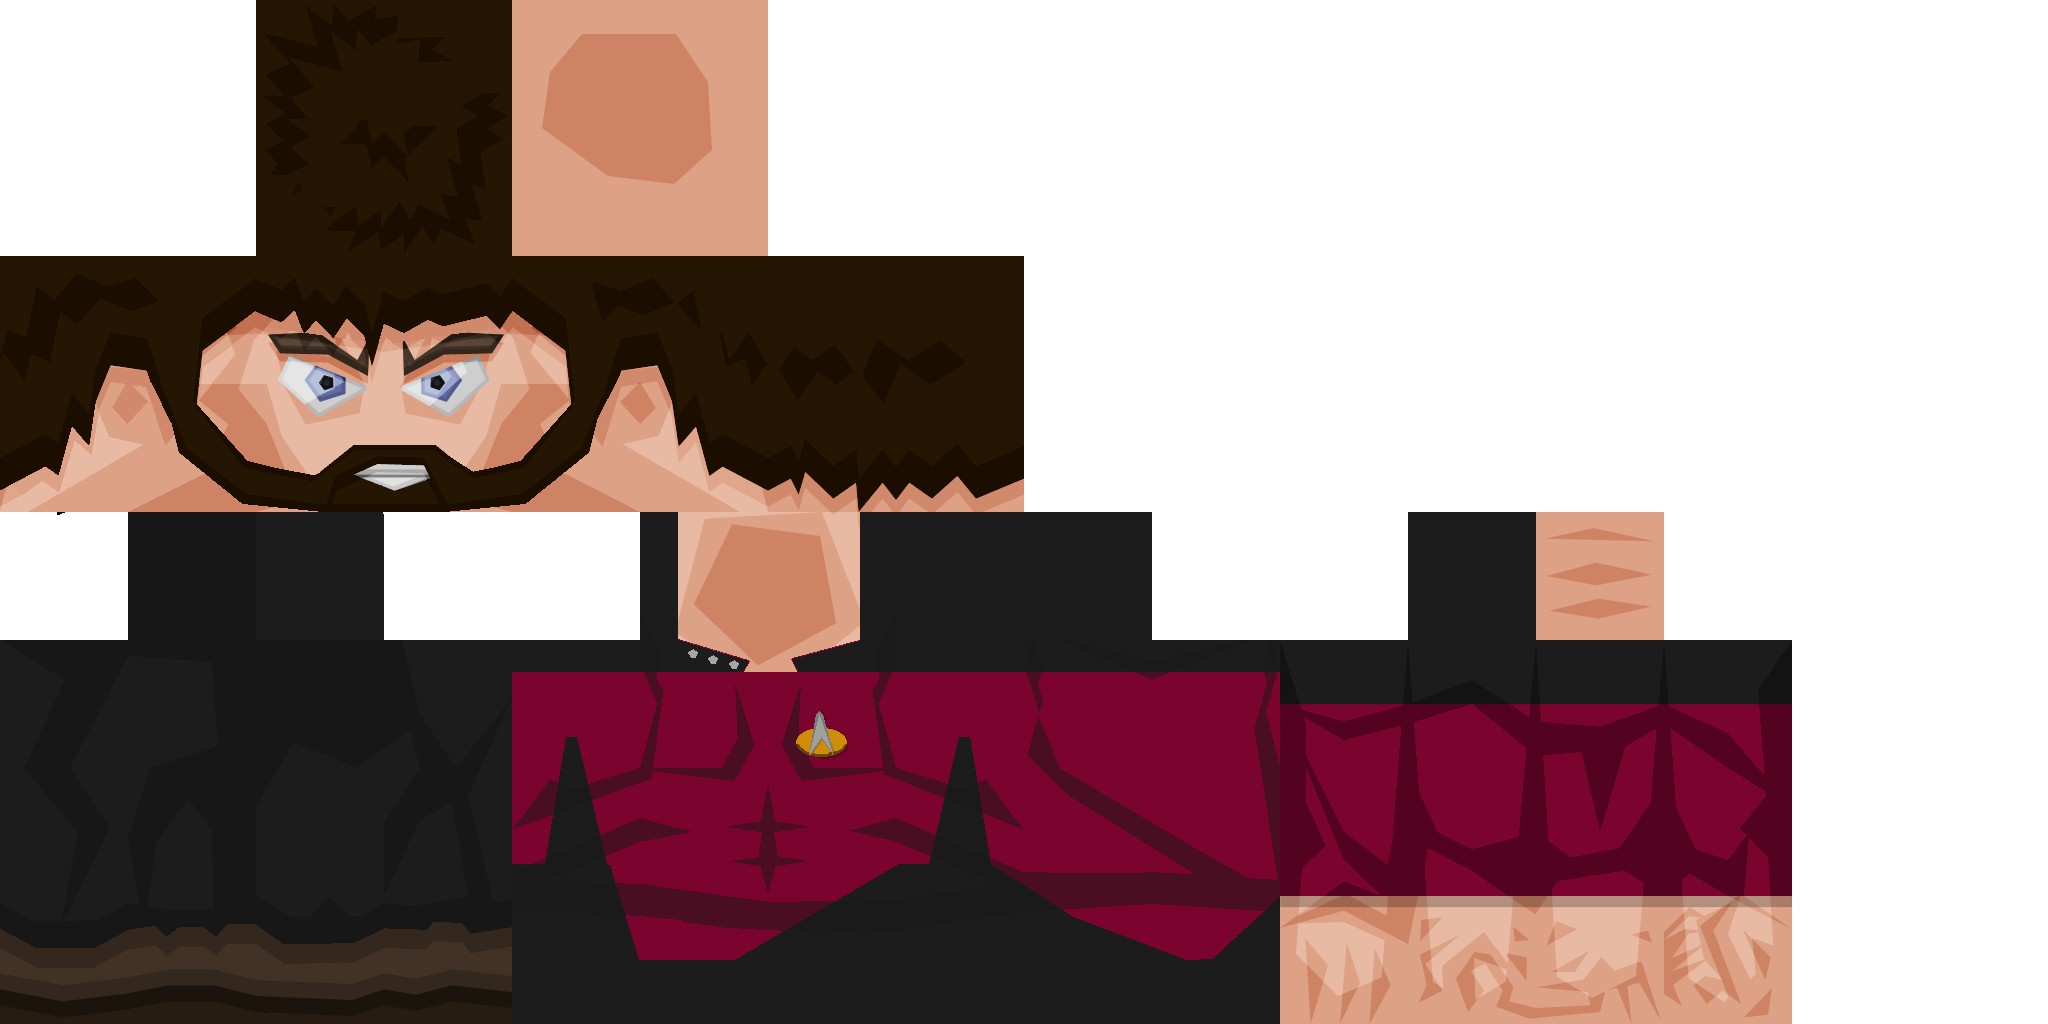 Рисовать свой скин для minecraft 1.8